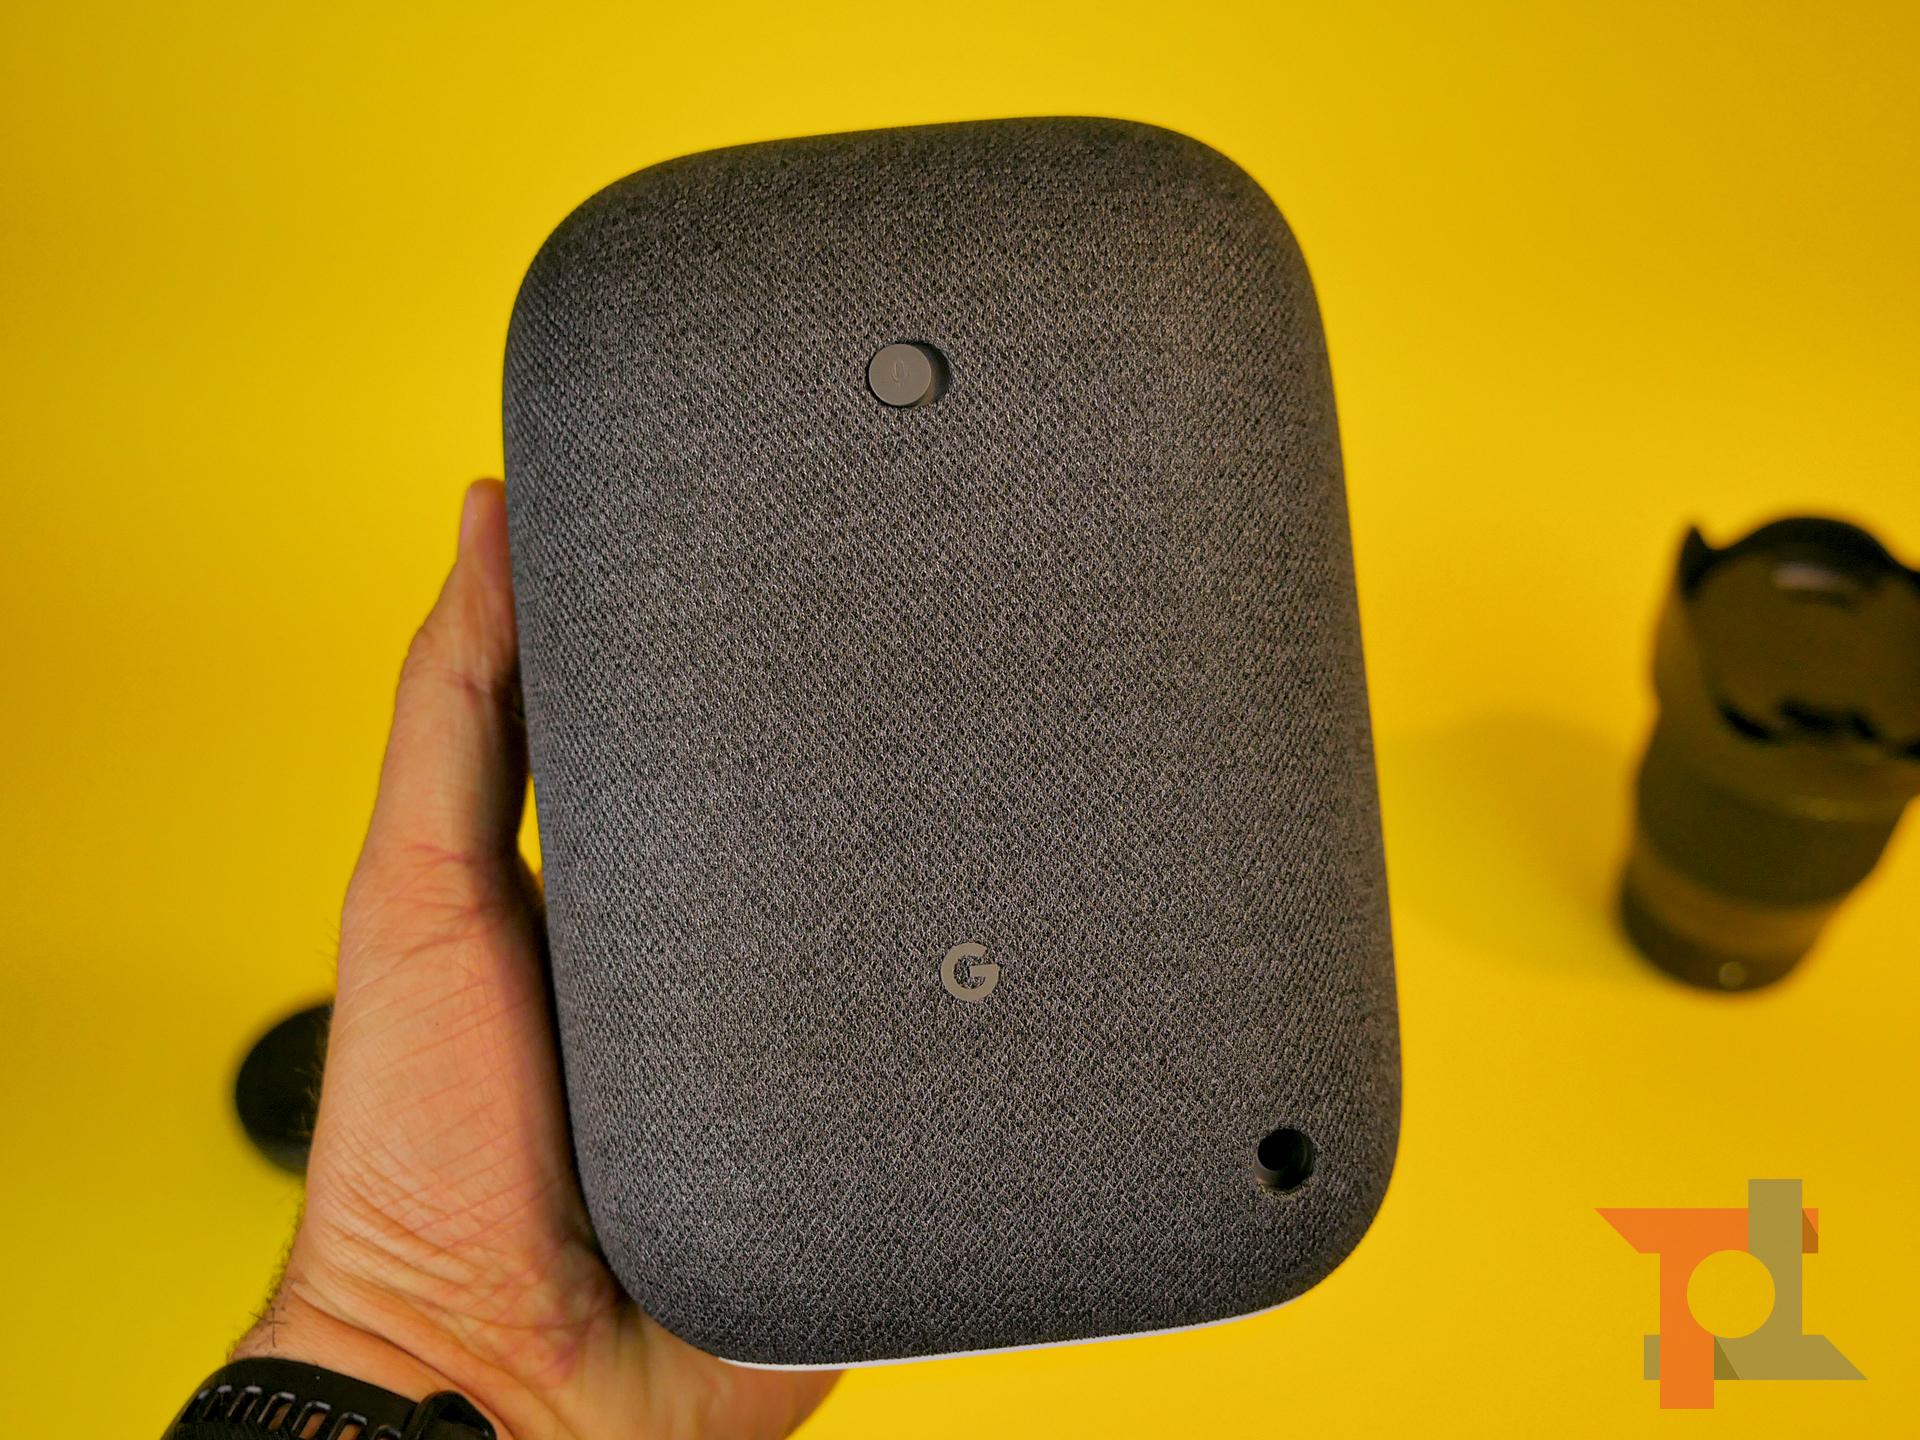 Recensione Nest Audio con Google Assistant: super rapporto qualità prezzo 5